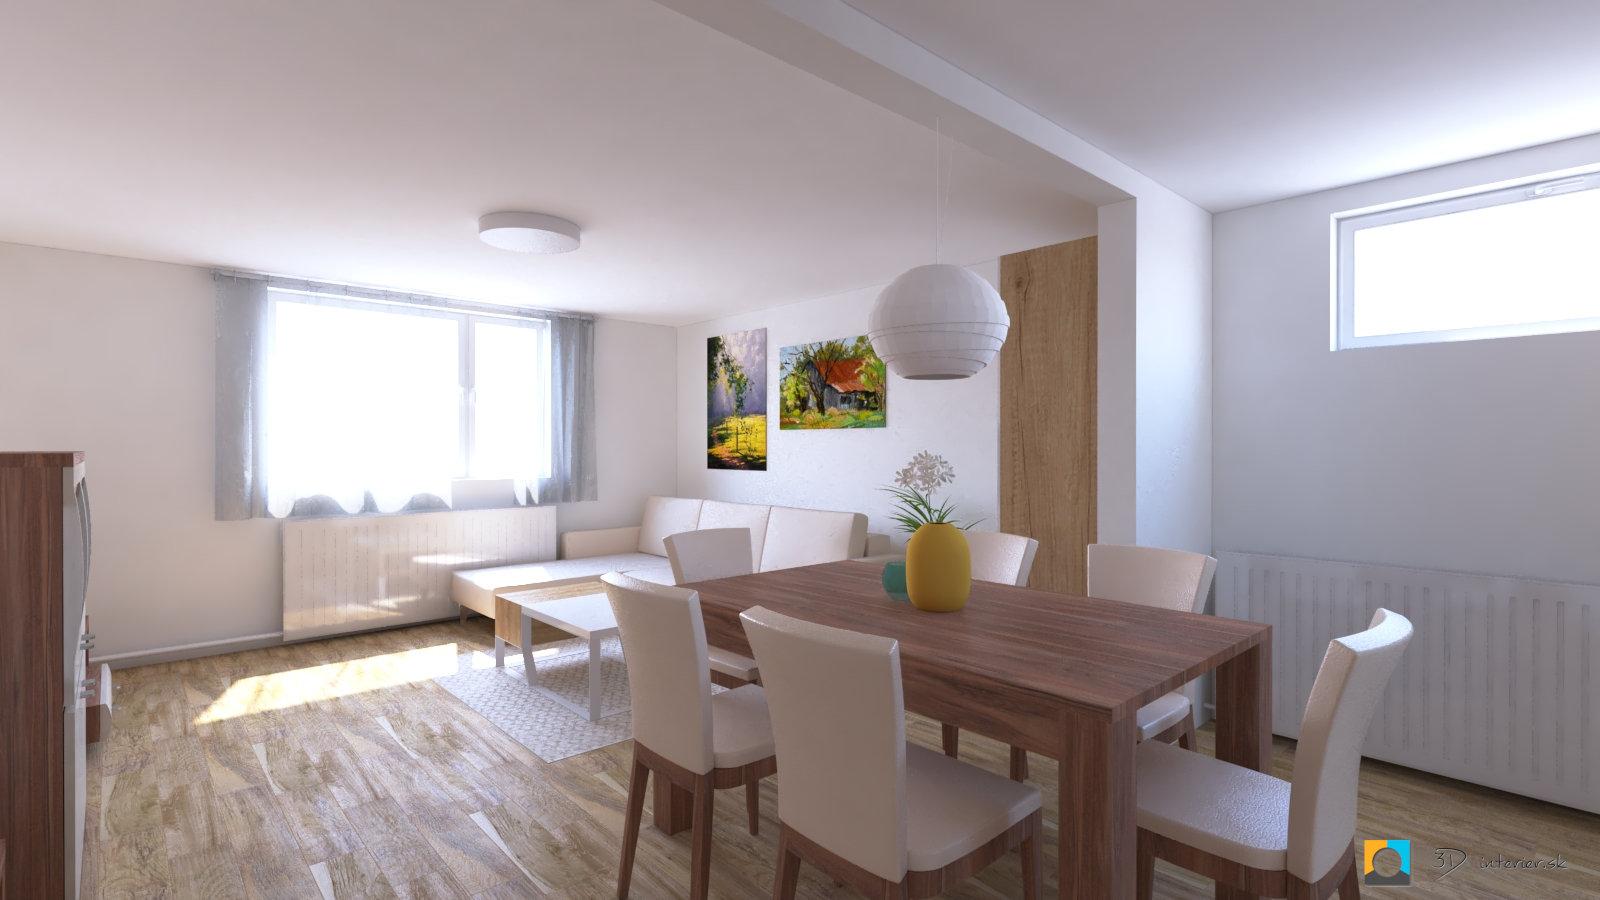 dizajnovy navrh interieru jedáleň